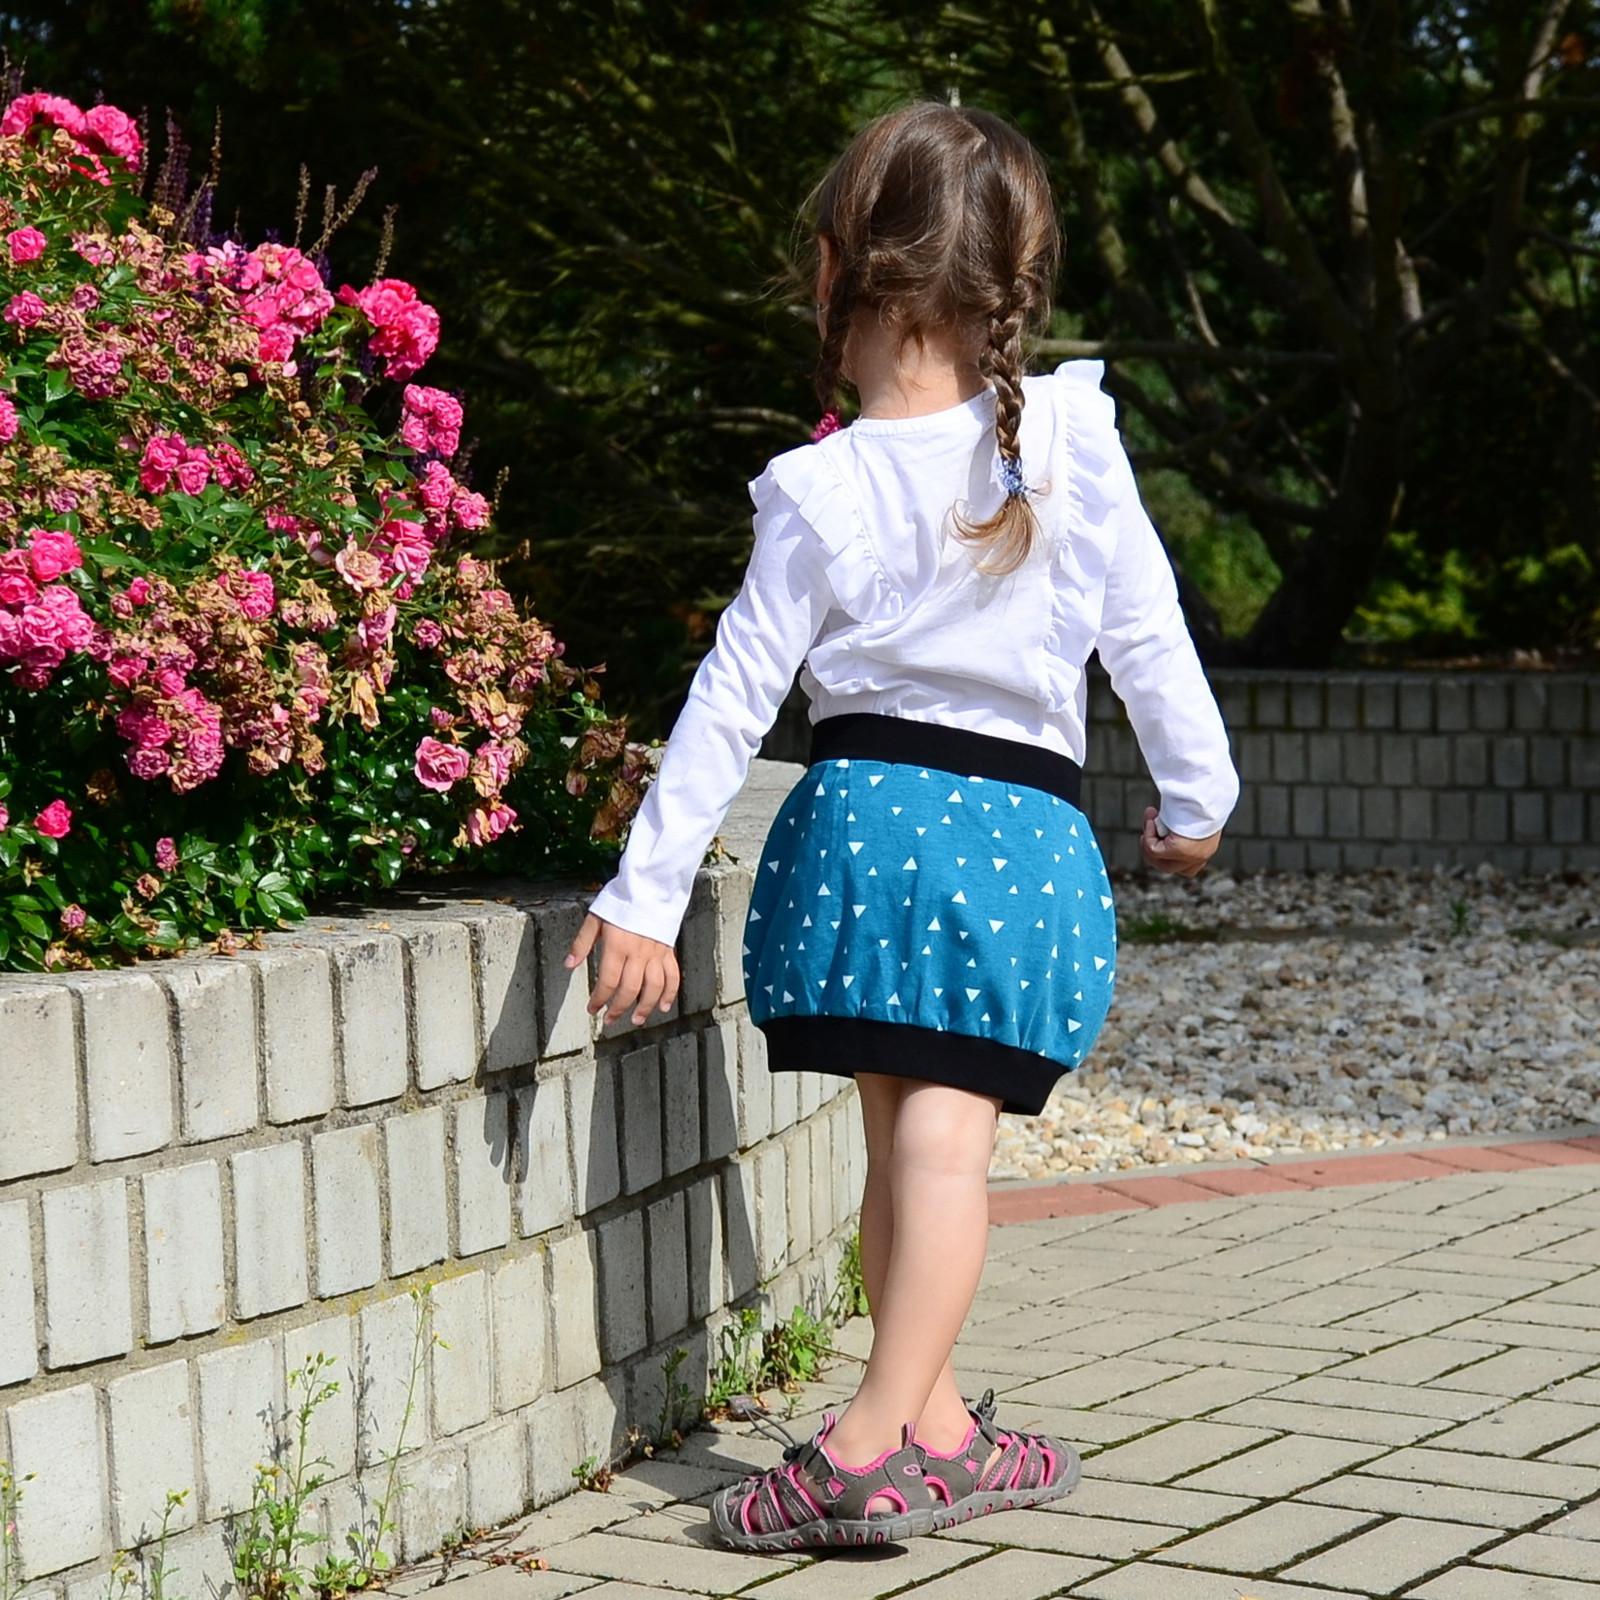 184bccd5b96 Dívčí sukně (biobavlna) - trojúhelníky / Zboží prodejce Feshanda ...